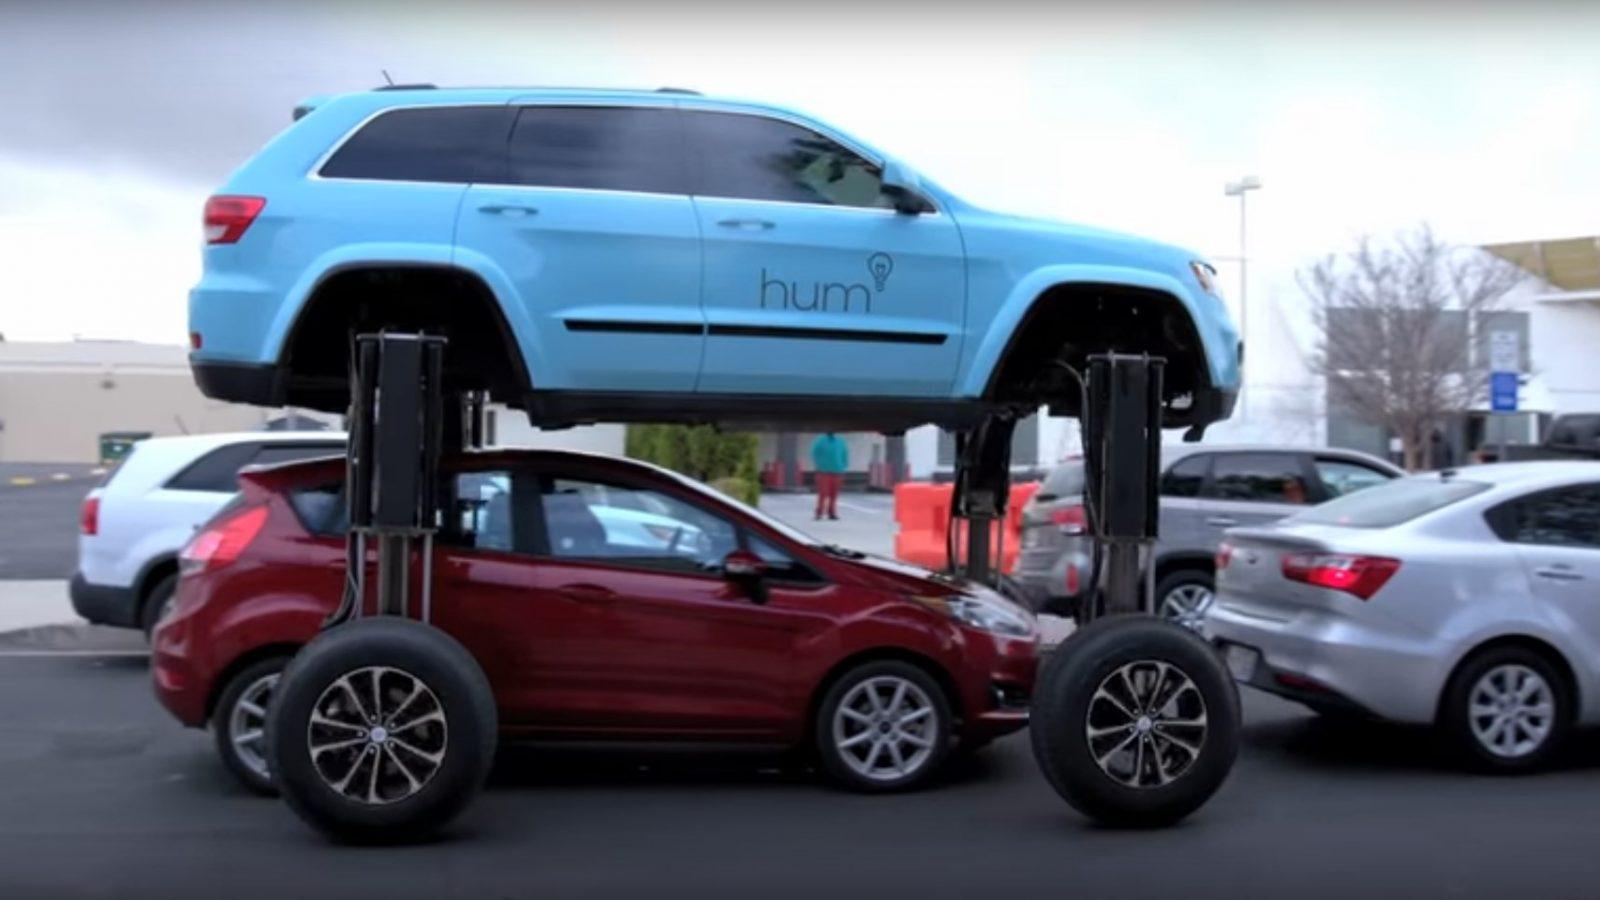 ВСША испытали автомобиль-трансформер откомпании Thinkmodo